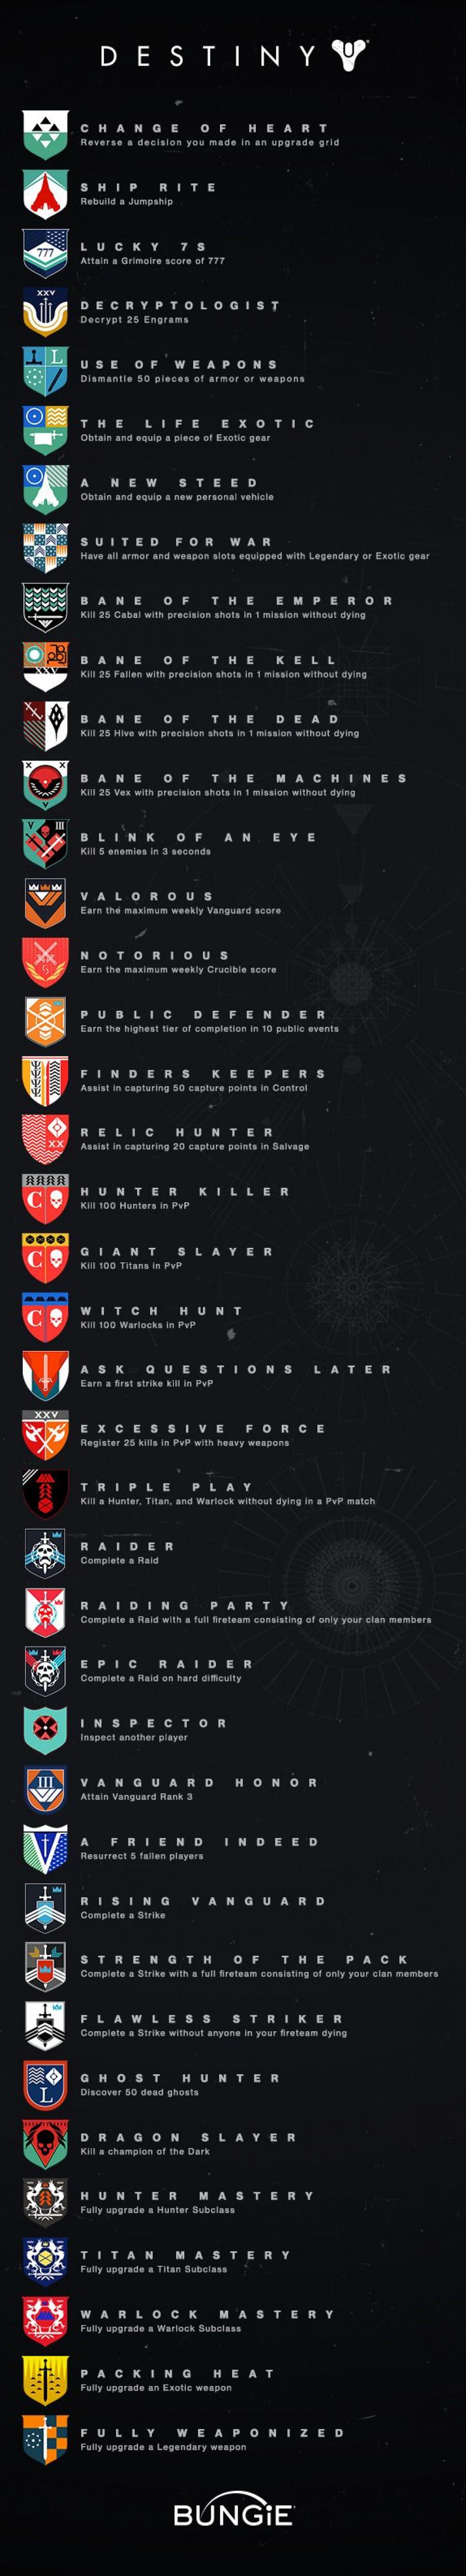 Destiny Trophies Achievements